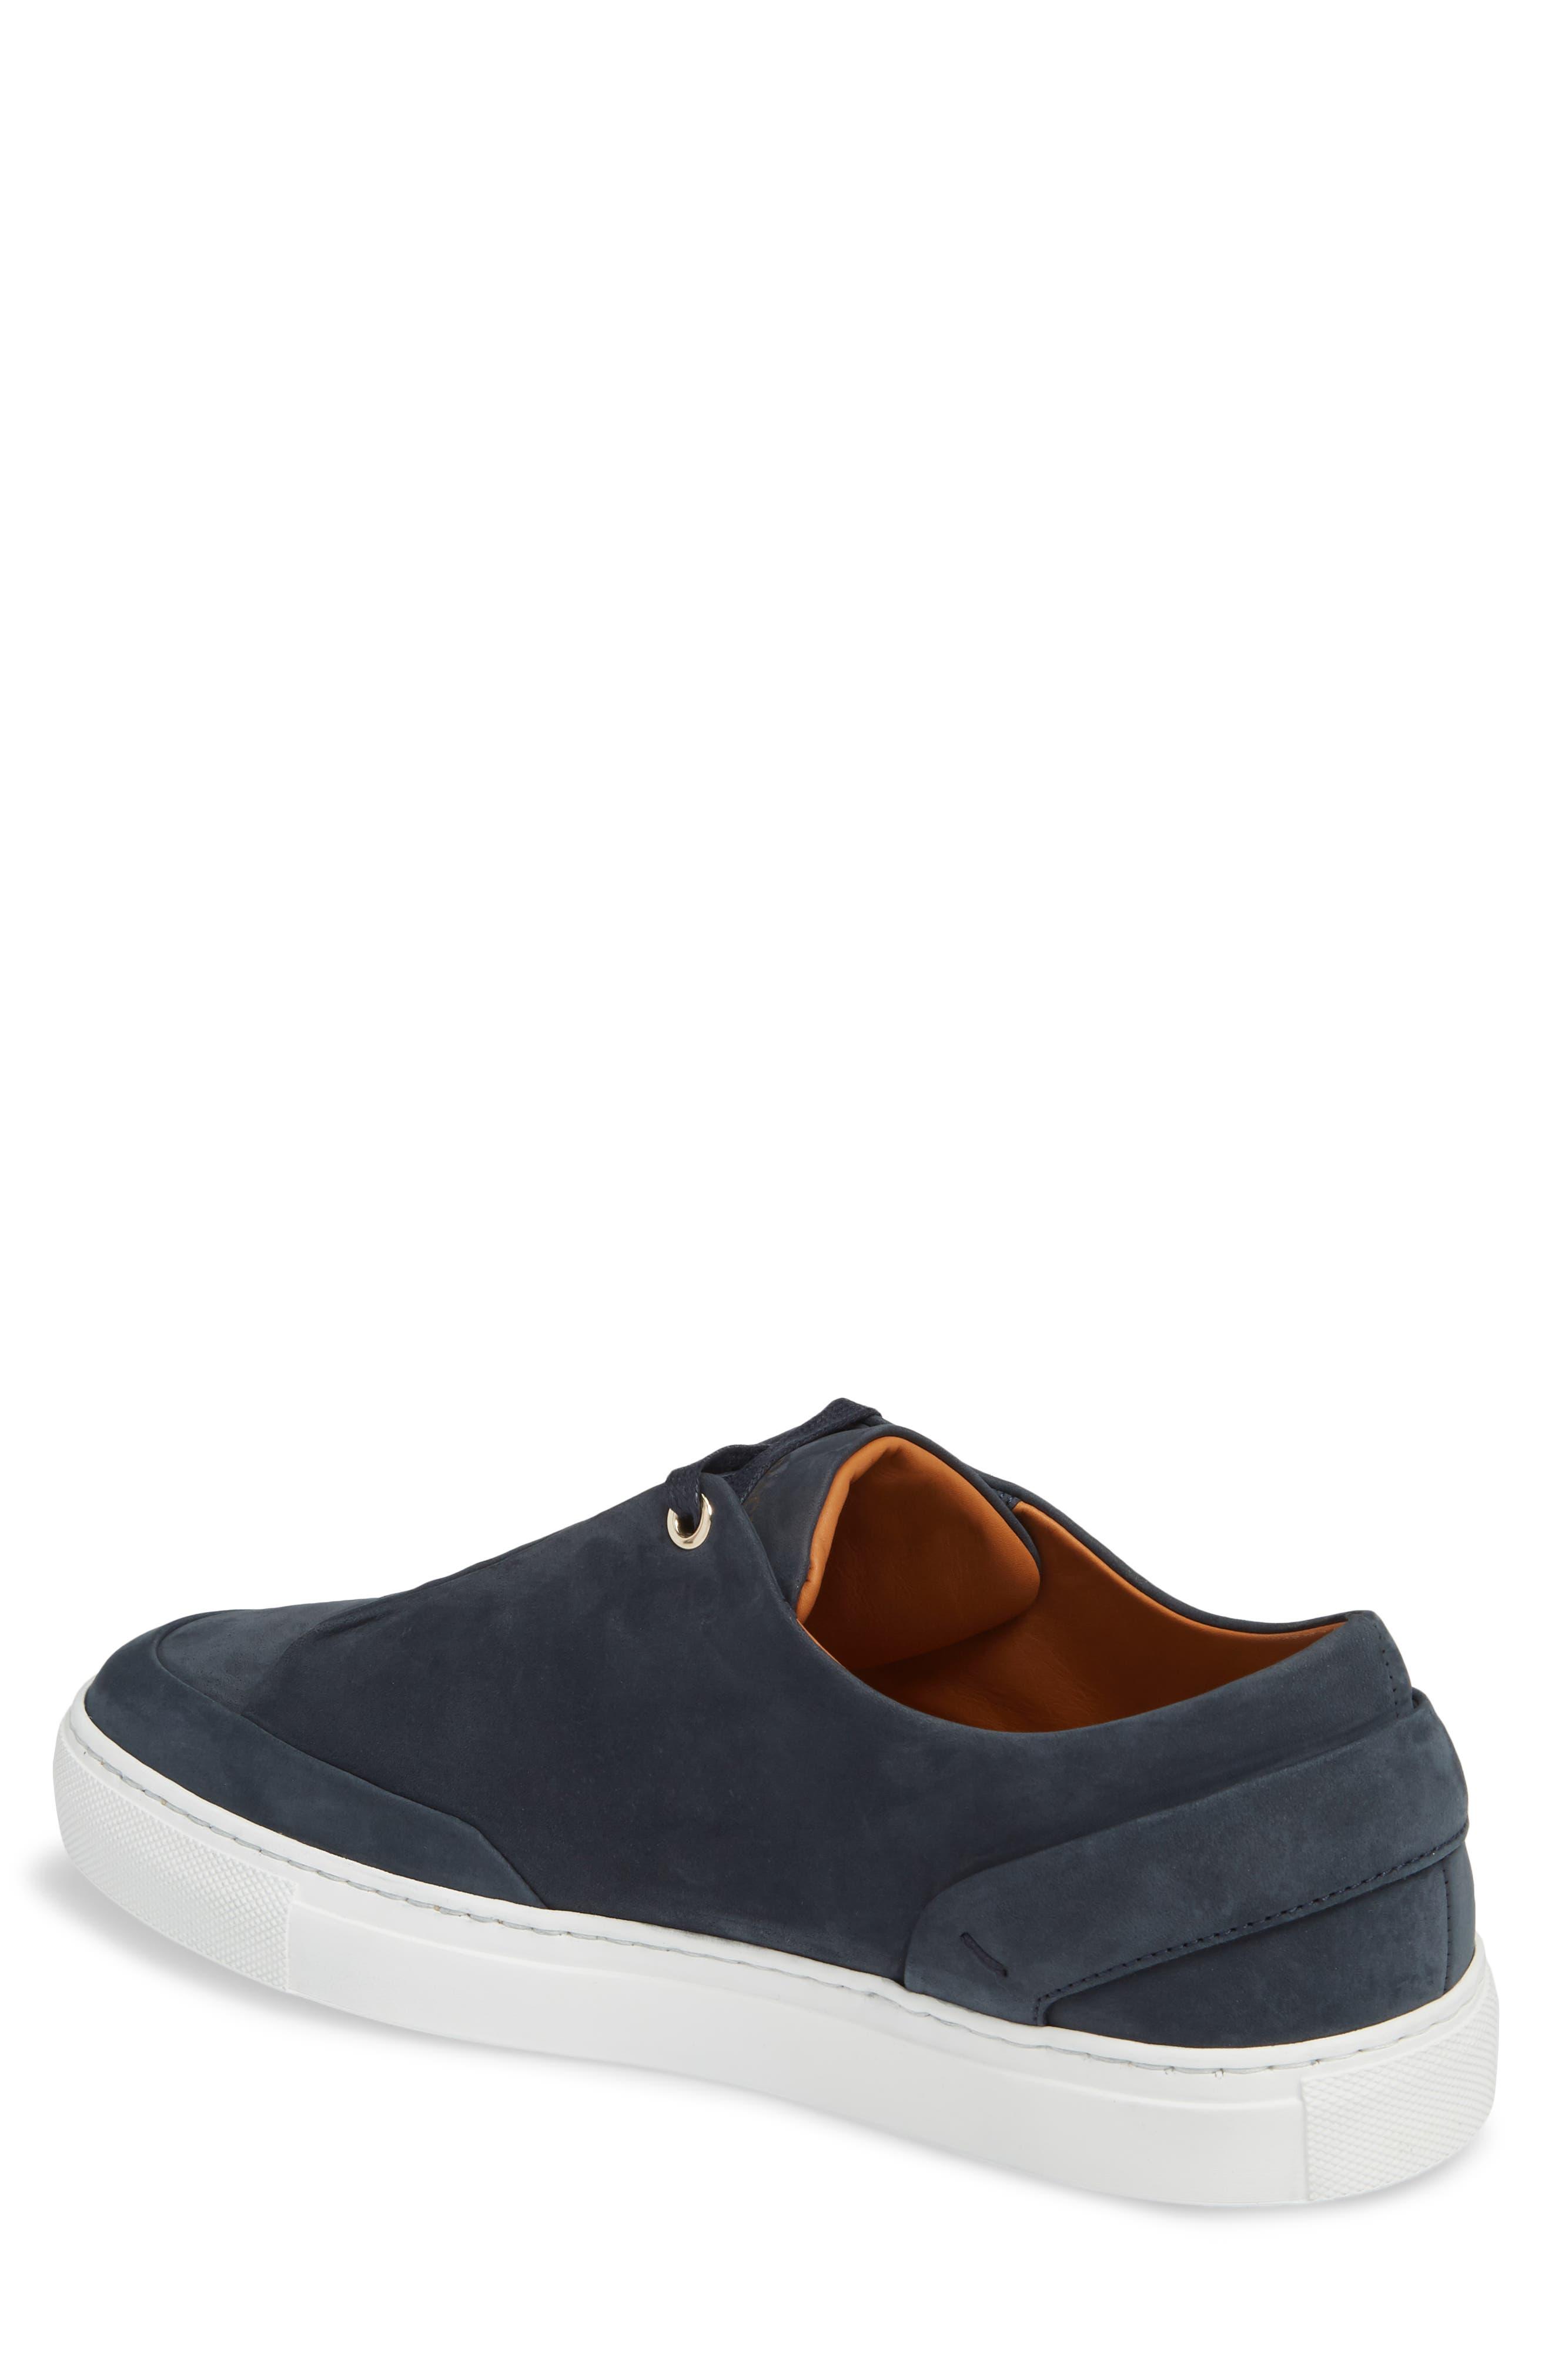 Avedon Sneaker,                             Alternate thumbnail 2, color,                             Navy Nubuck Leather